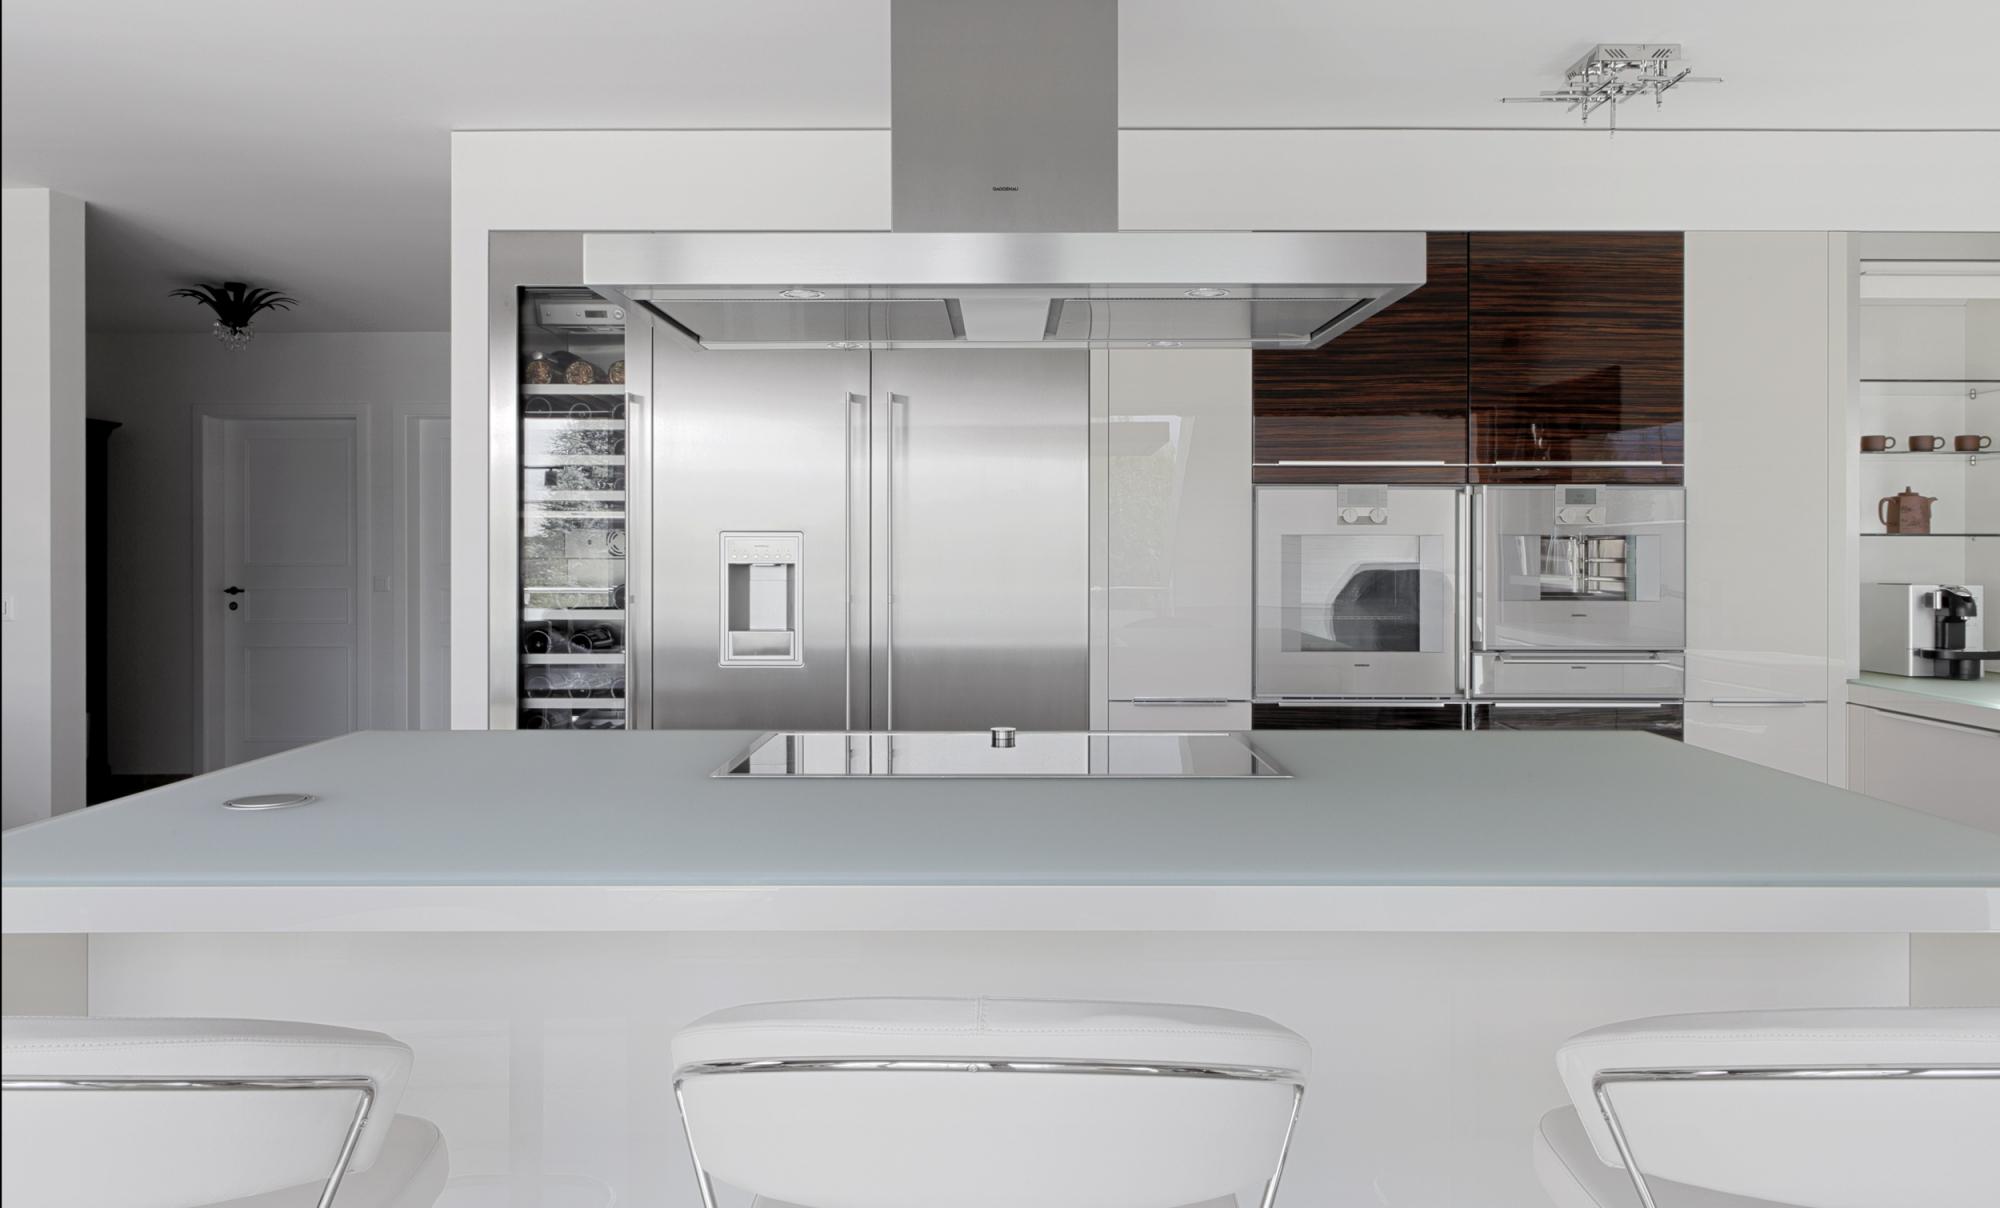 acilux das geh rtete glas esg von galvolux. Black Bedroom Furniture Sets. Home Design Ideas